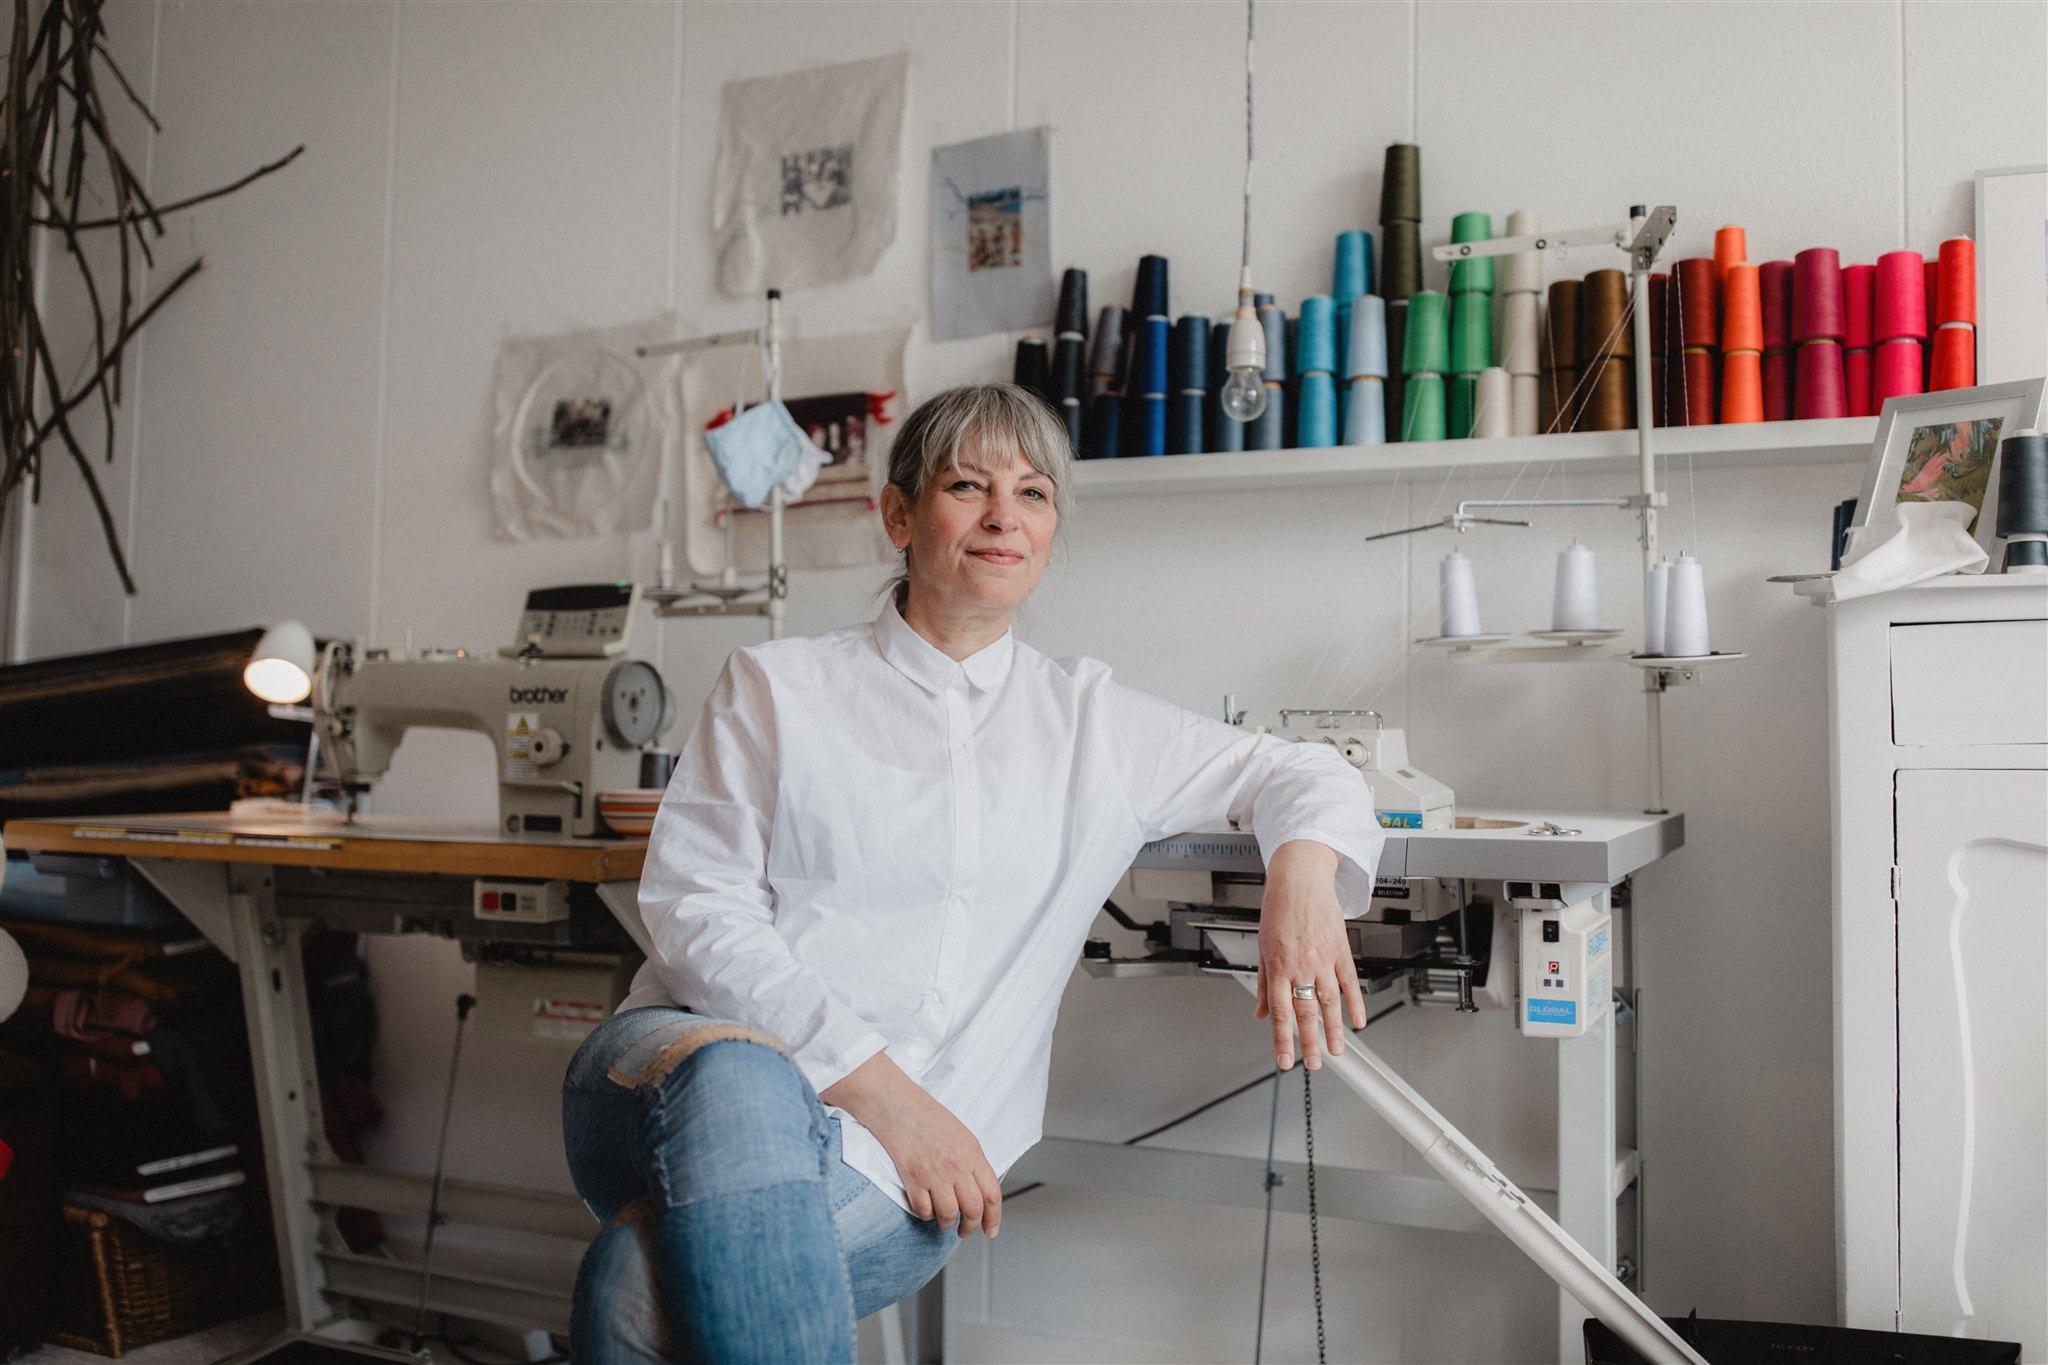 Giny Janmaat maakt in haar zero-waste atelier kleding van restmaterialen. 'Zo valt de ik-heb-niks-om-aan-te-trekken stress weg'